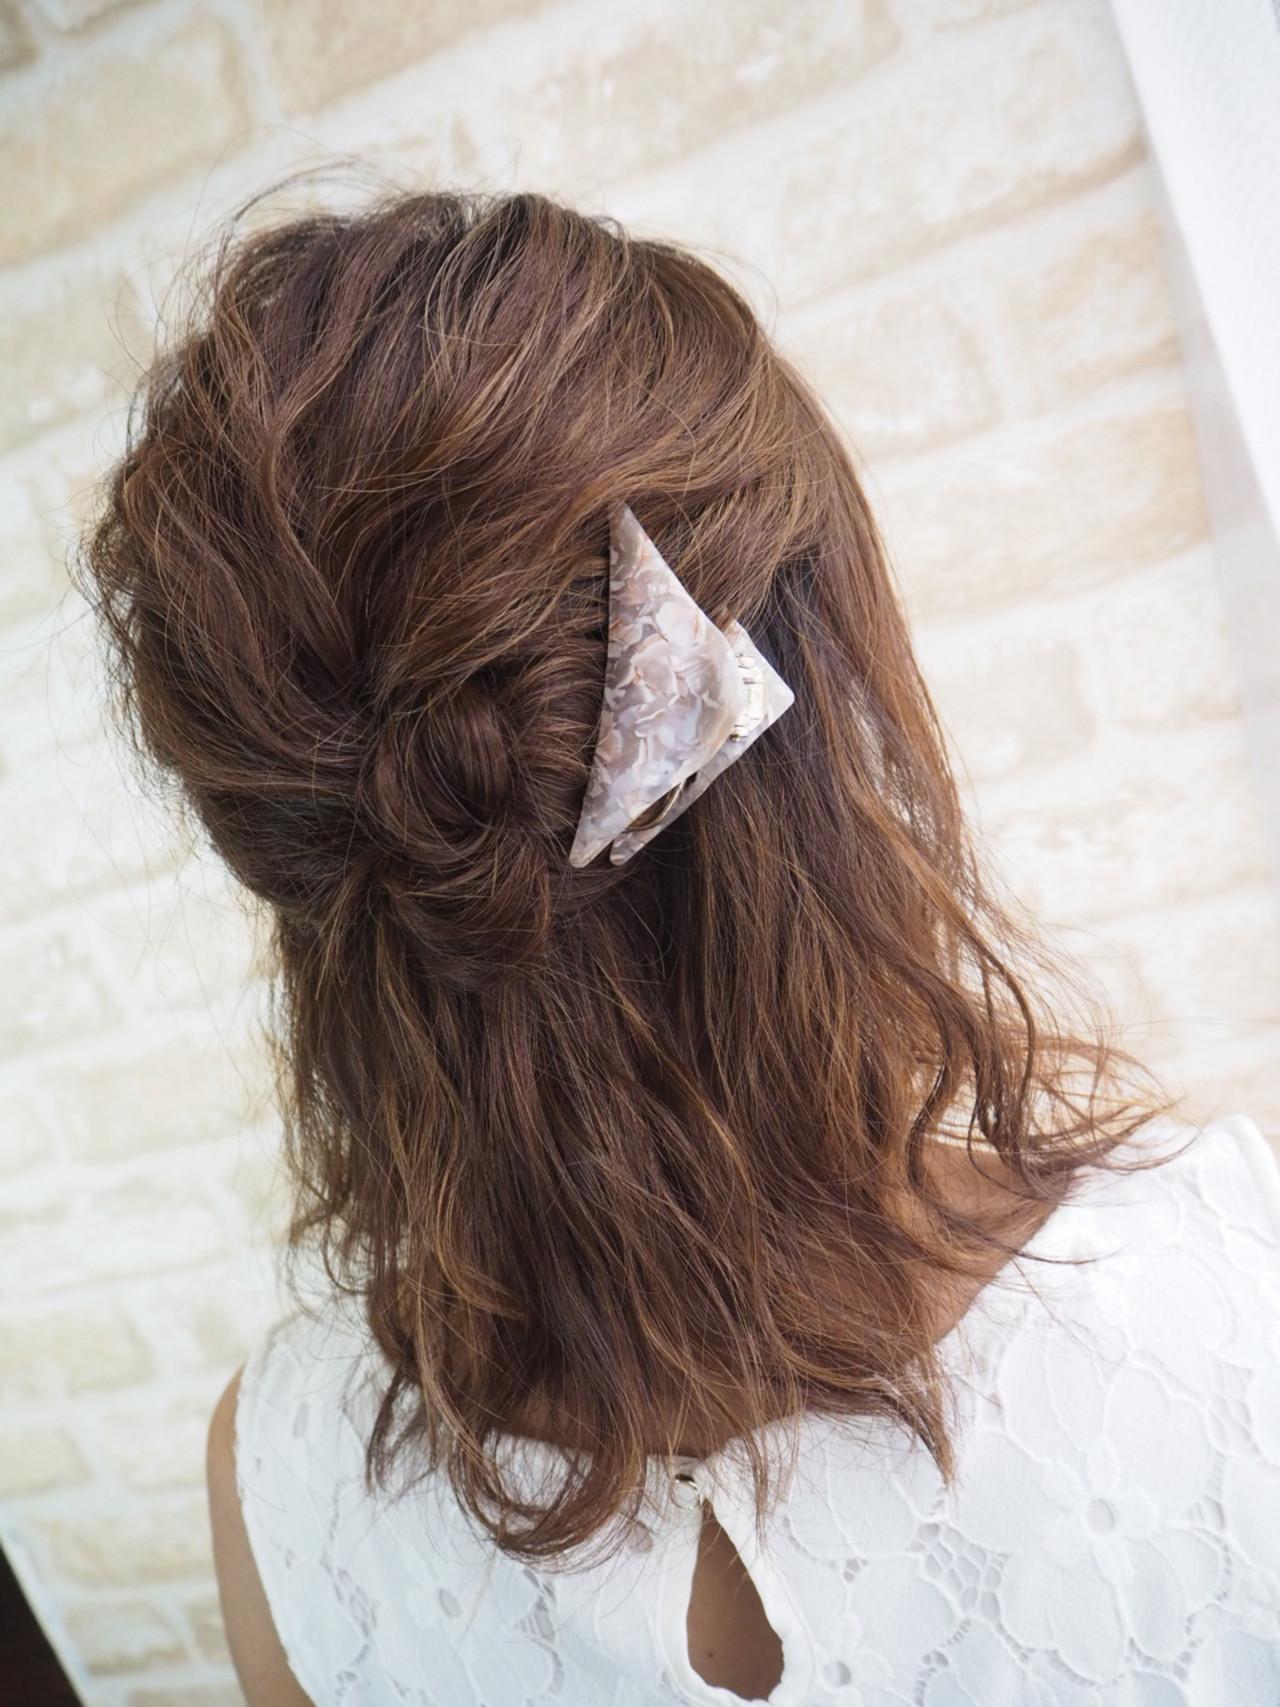 結婚式にも!ミディアムヘアの簡単お呼ばれアレンジ sacoti☆hairdesigner / hair lounge Blao